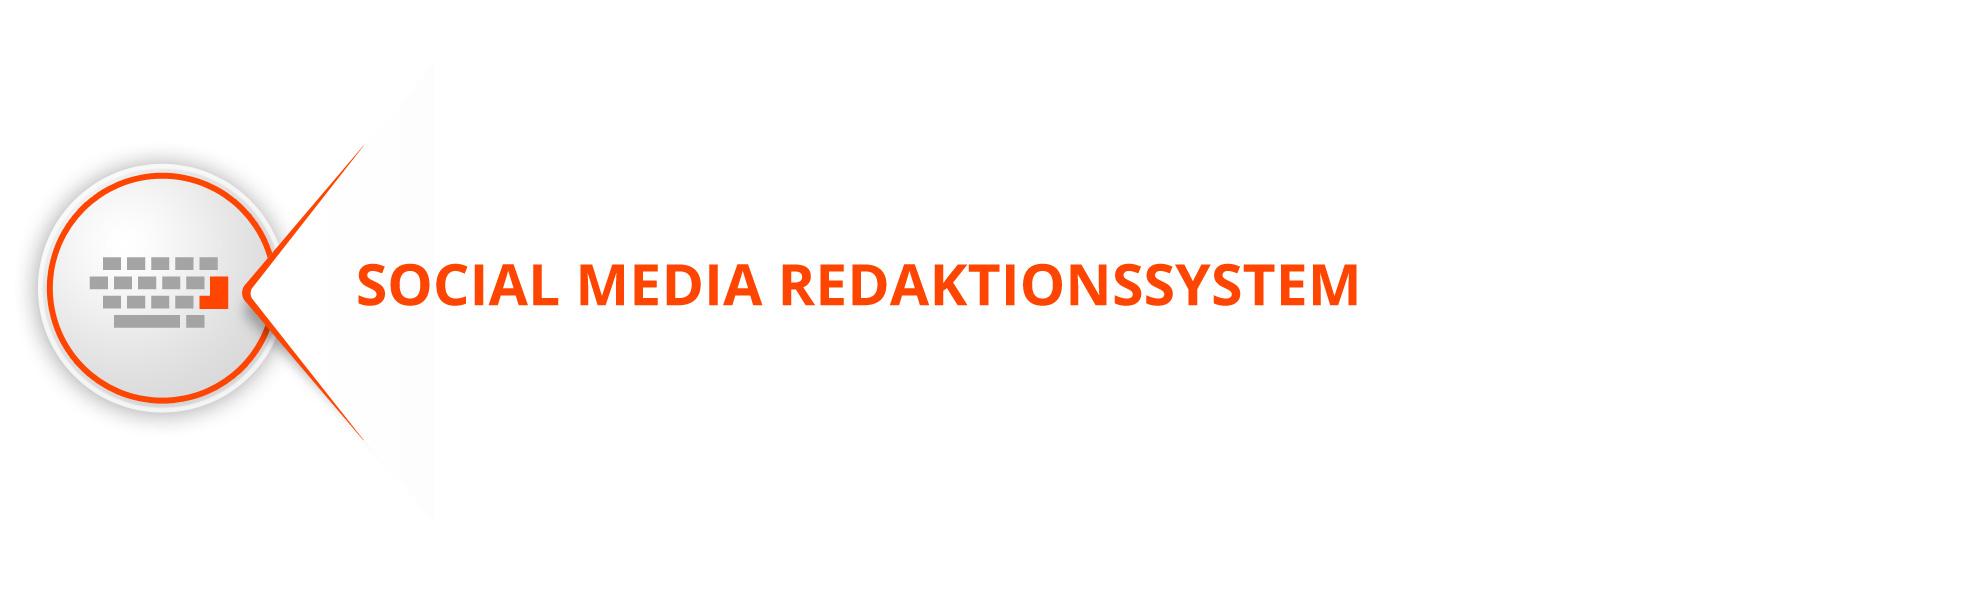 social media redaktionssystem